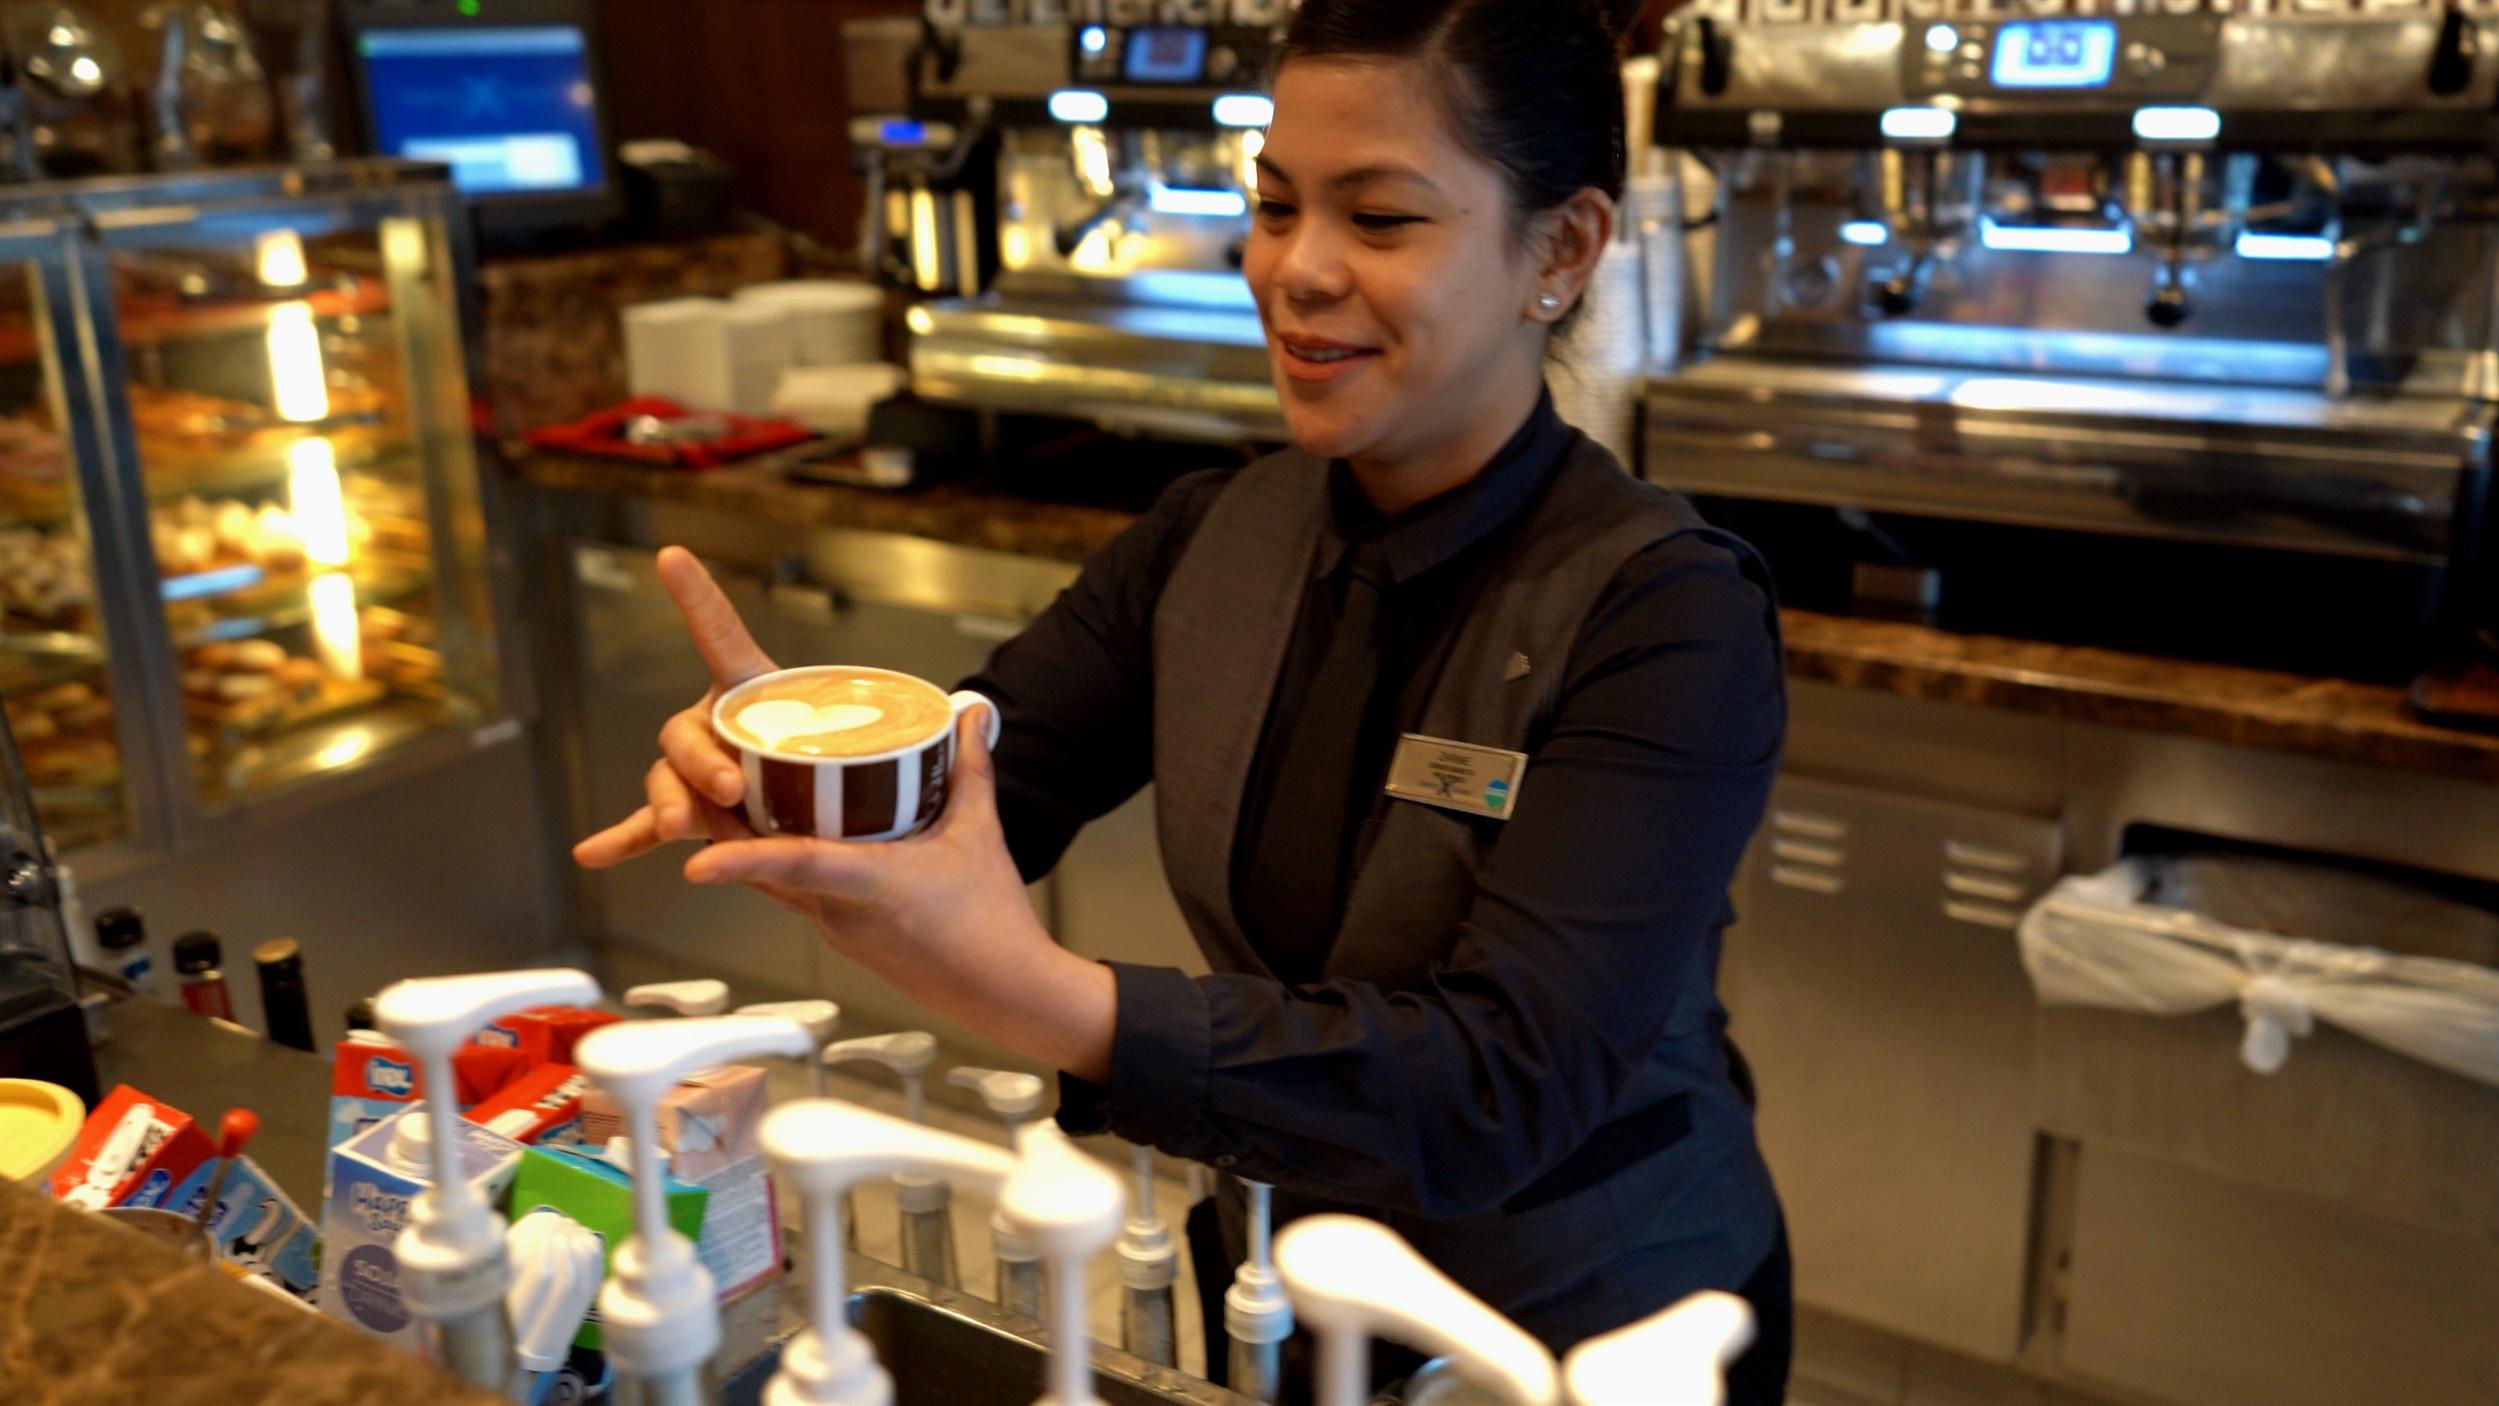 Barista and cappuccino